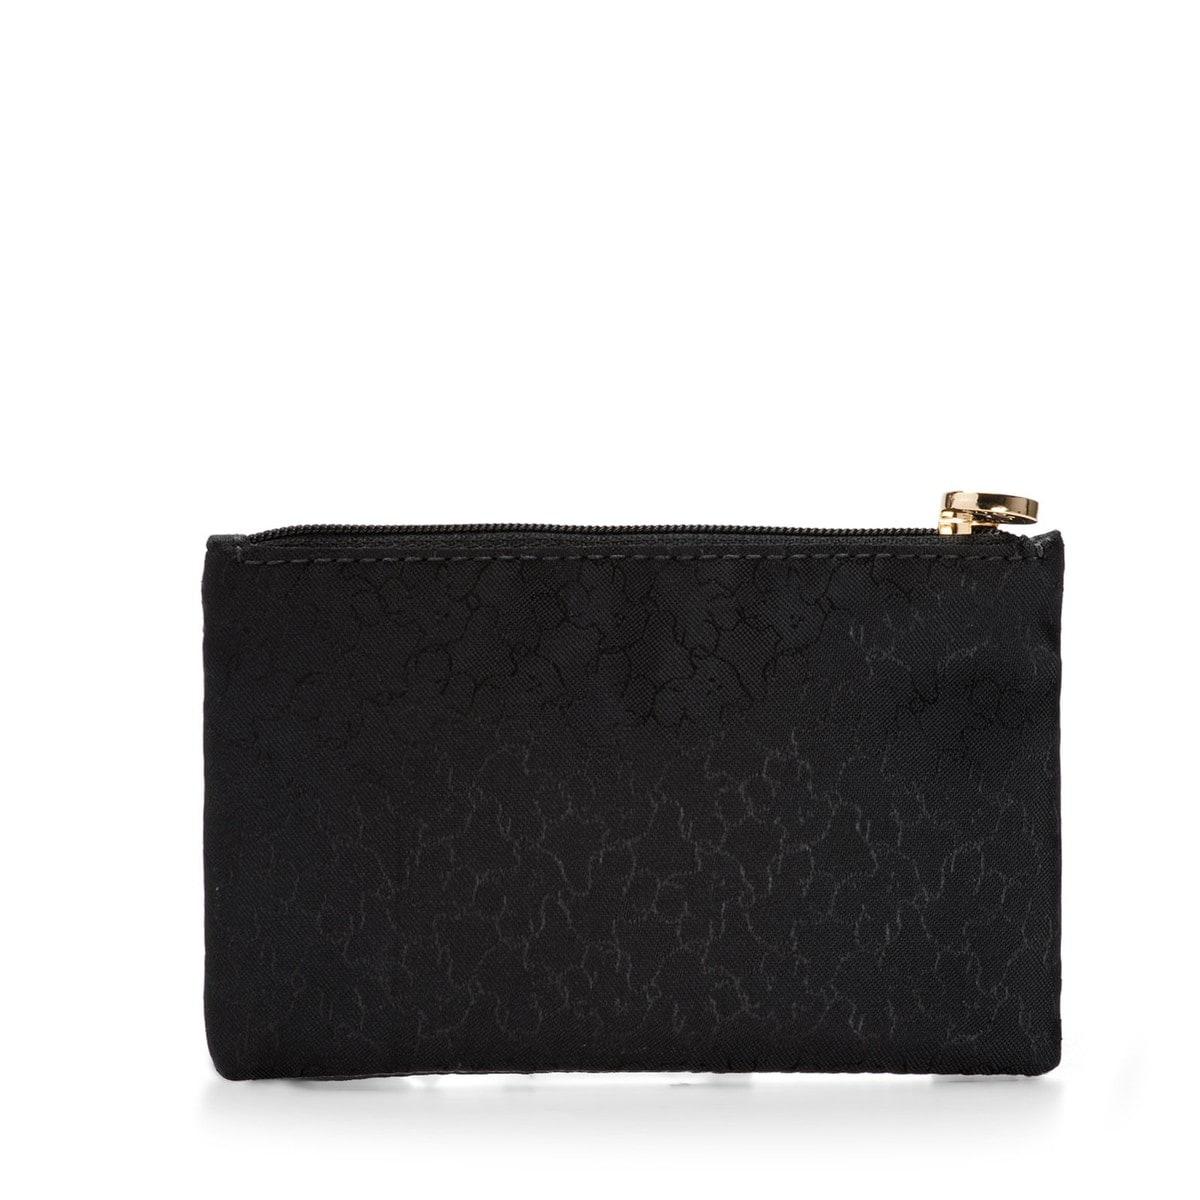 Neceser pequeño Clasica de Nylon en color negro